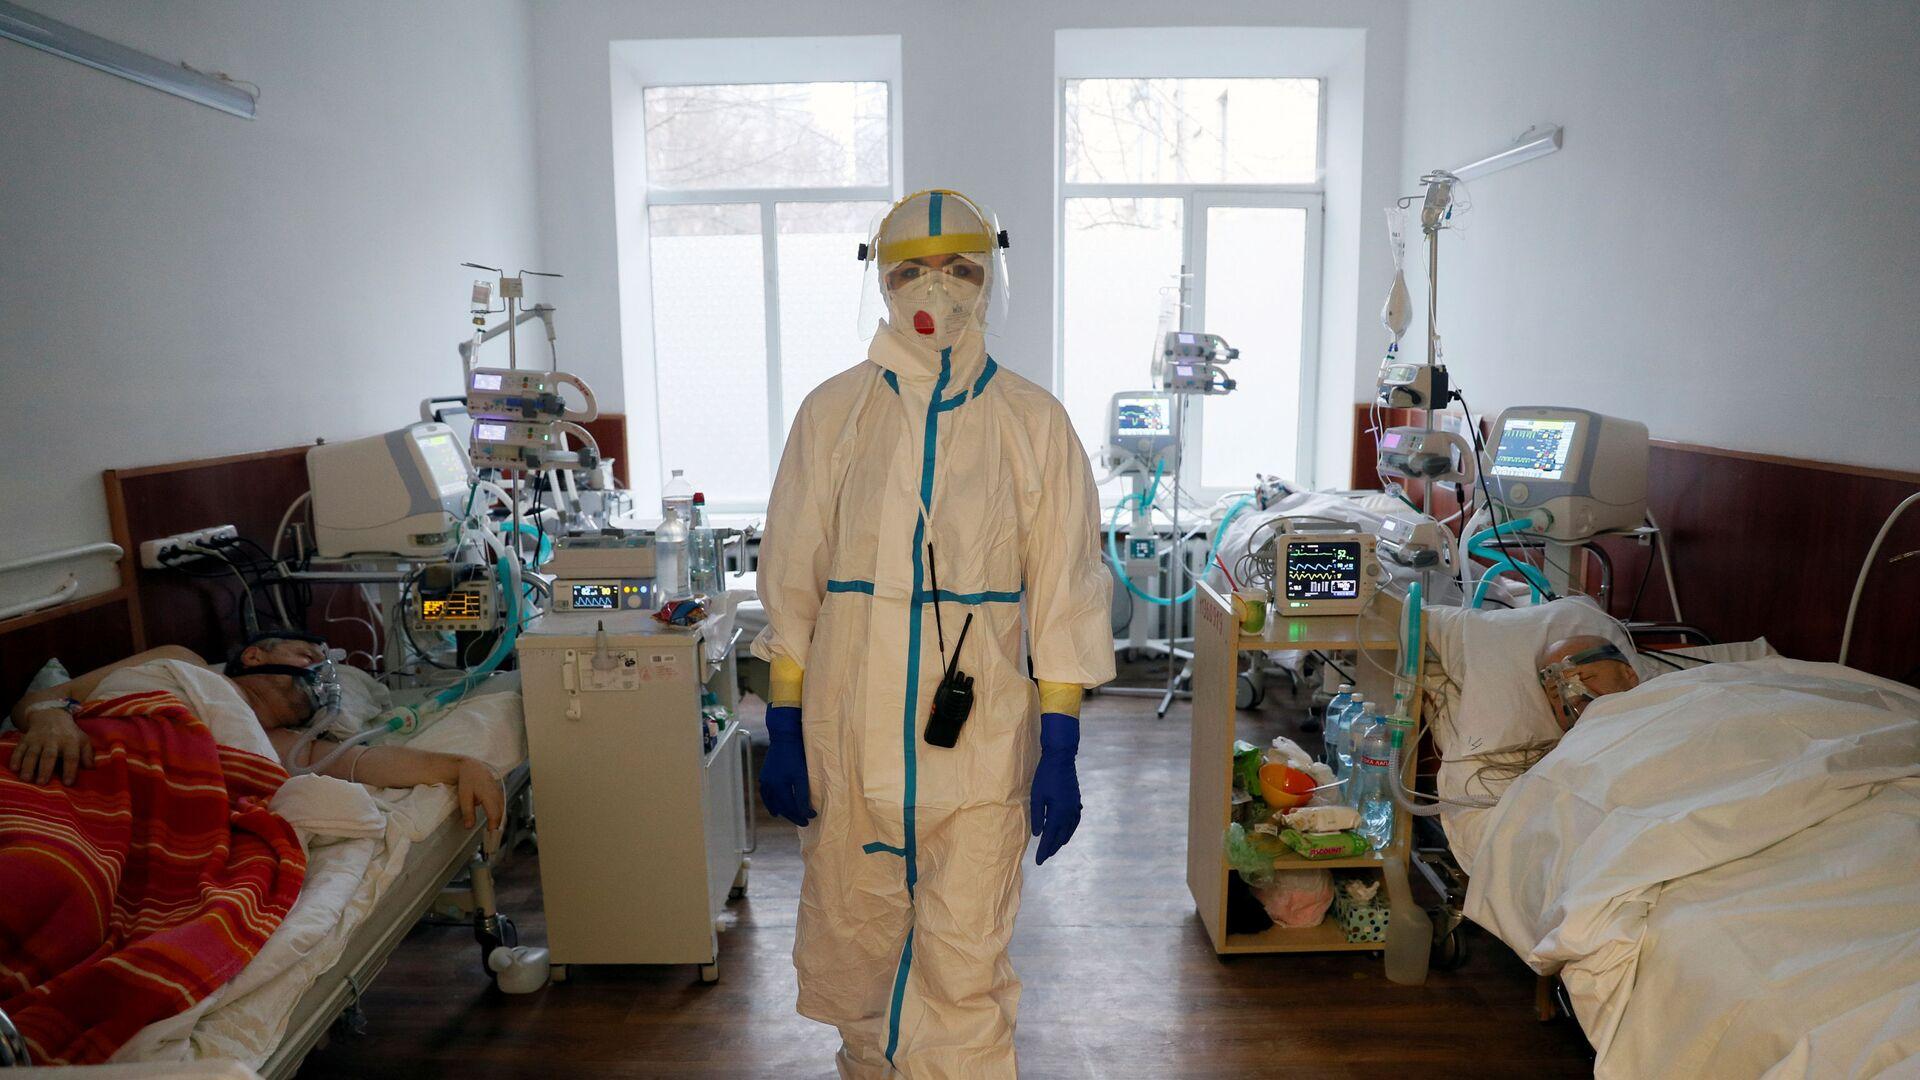 Врач в палате киевской больницы, Украина - Sputnik Латвия, 1920, 23.09.2021